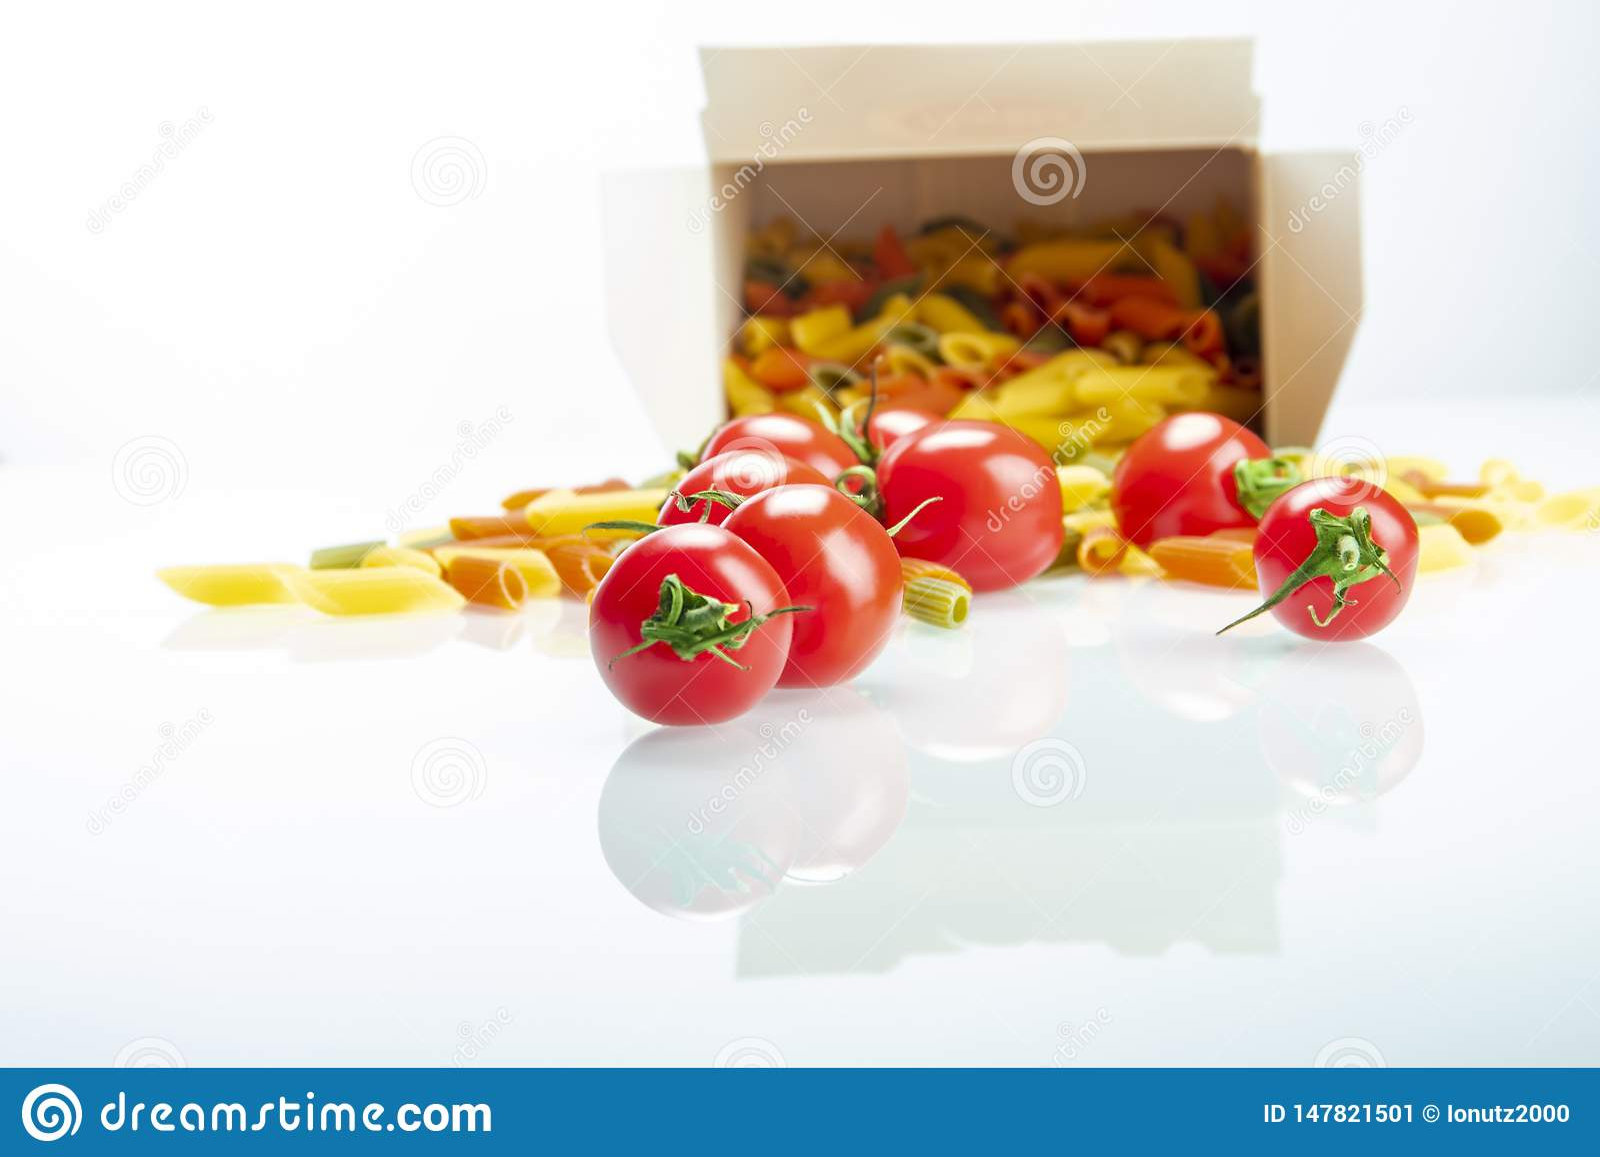 Tomates entre las pastas coloreadas sobre el vidrio reflexivo blanco